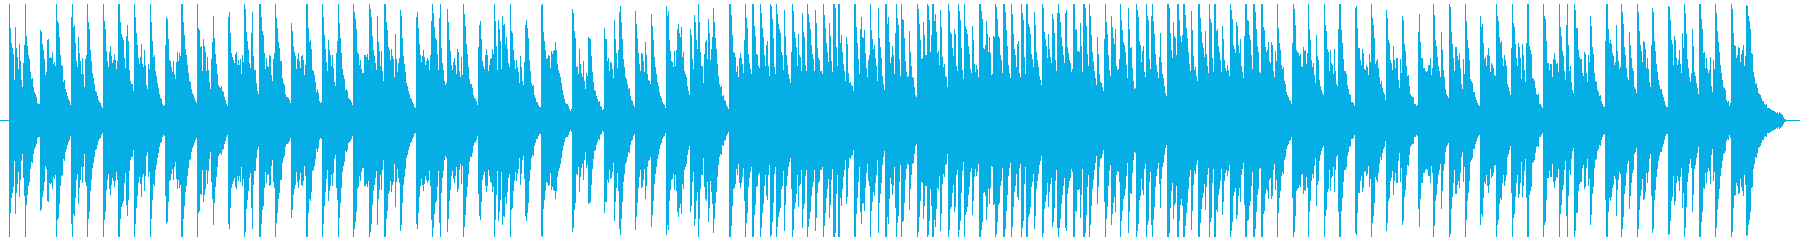 やさしい雰囲気をイメージしたピアノBGMの再生済みの波形